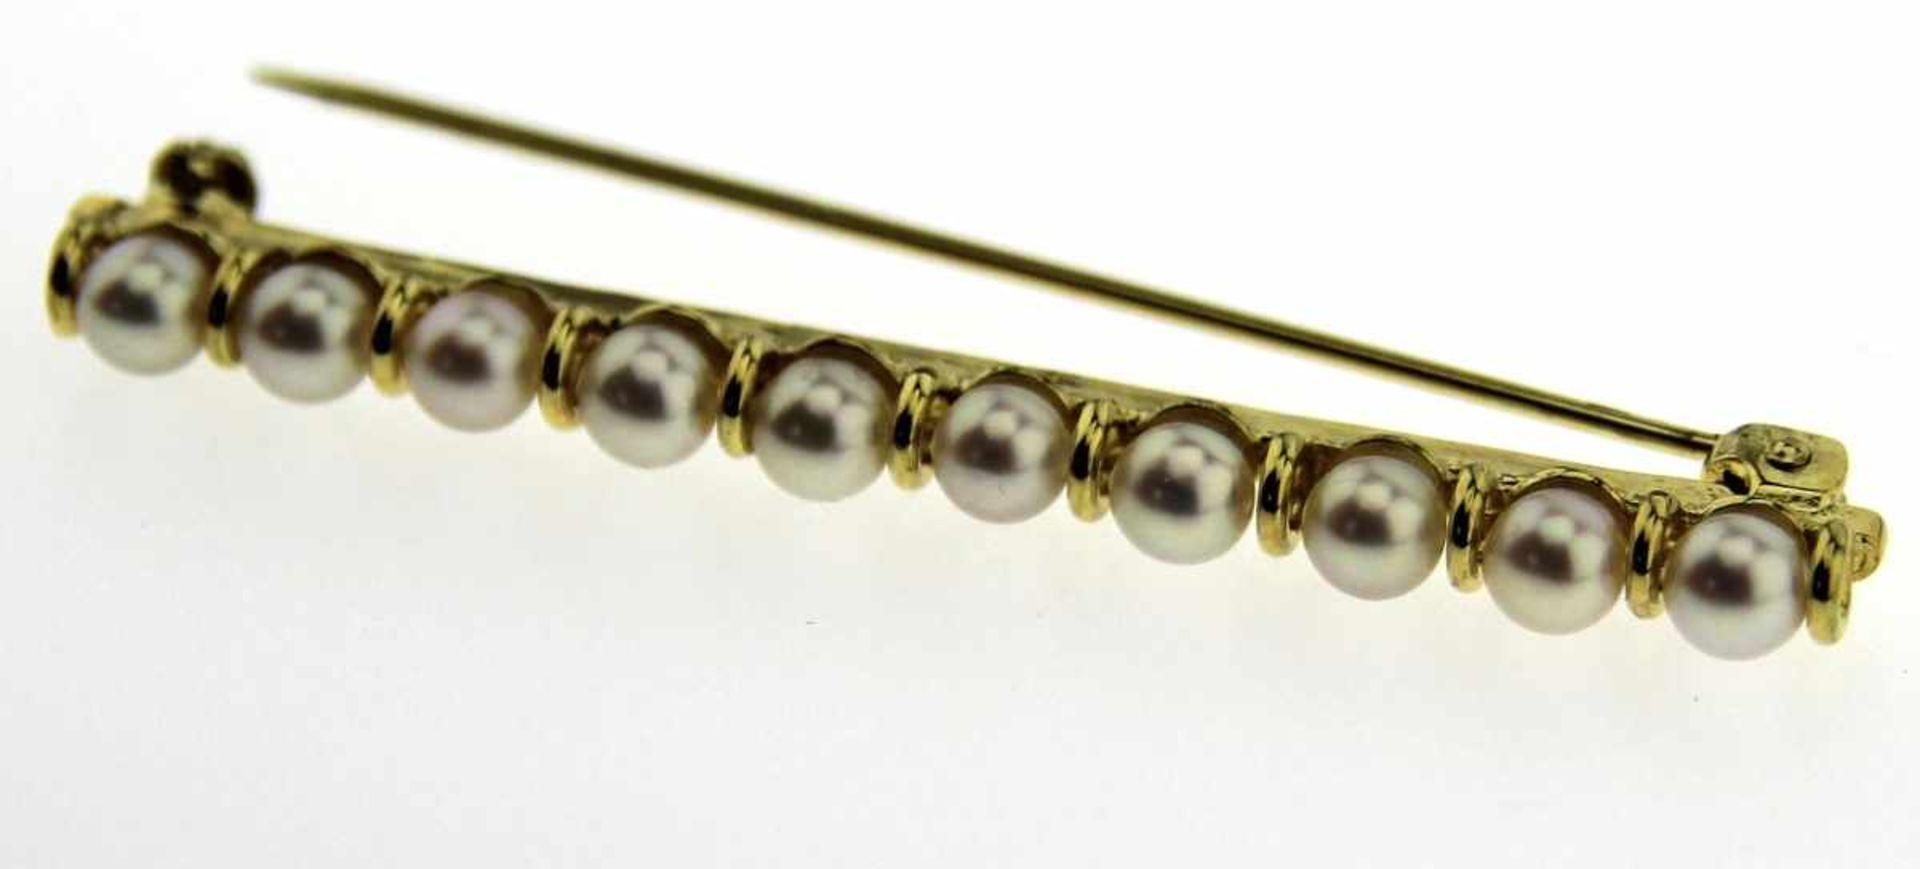 Stabnadel 333 Gold mit Zuchtperlen, NOS Gesamtgewicht ca. 4,2 Gramm, Länge 53 mm, Perlen Durchm. 4